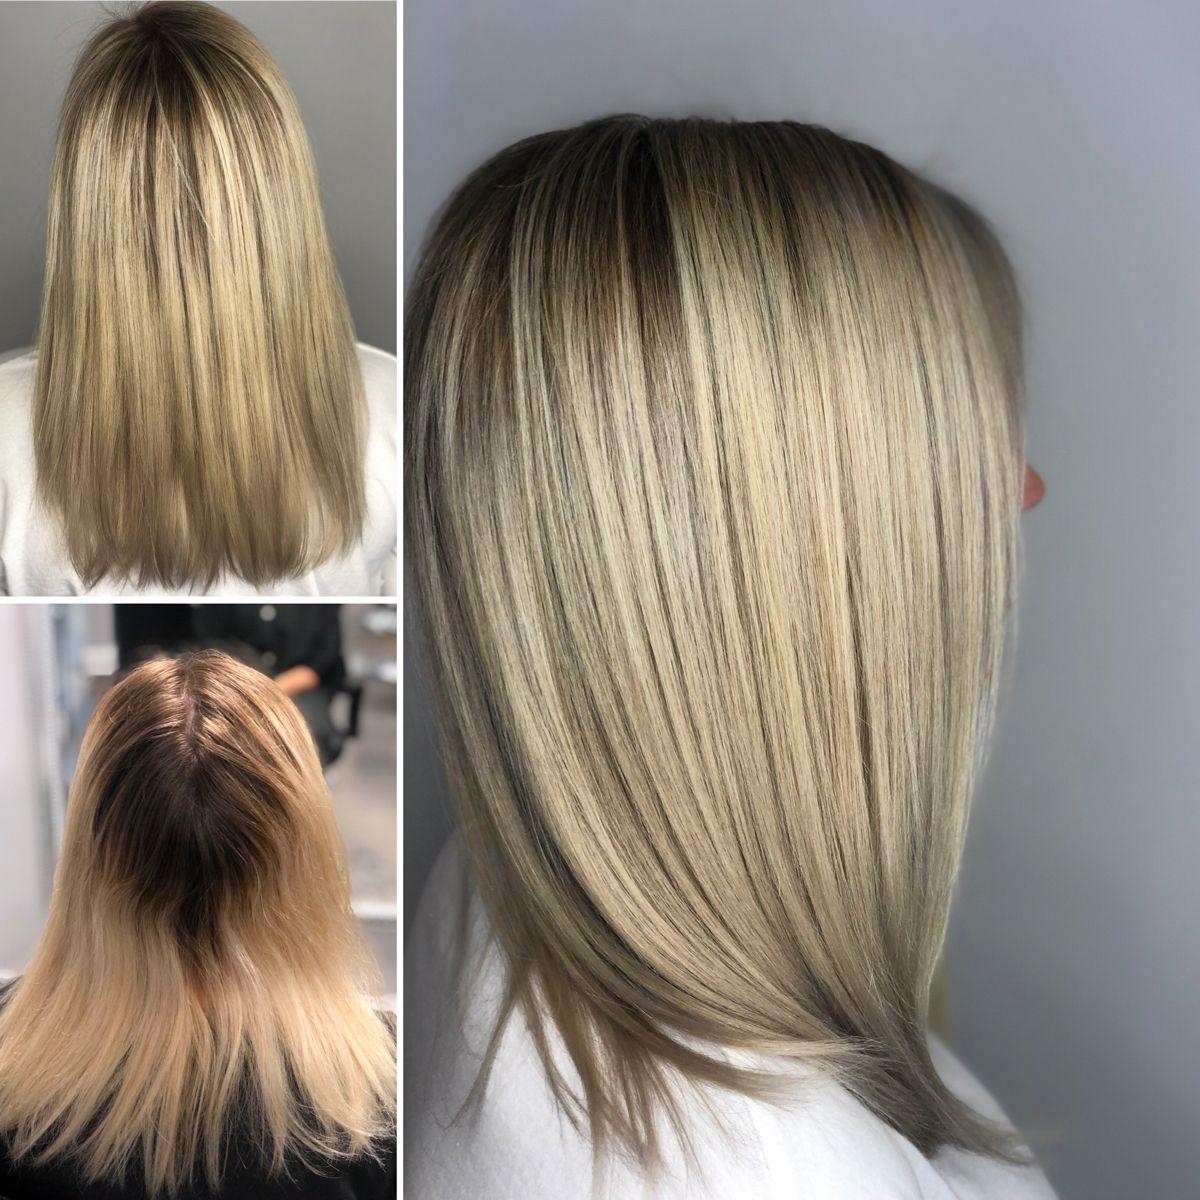 Tampa Hair Color Salon Hair Color Hair Styles Long Hair Styles